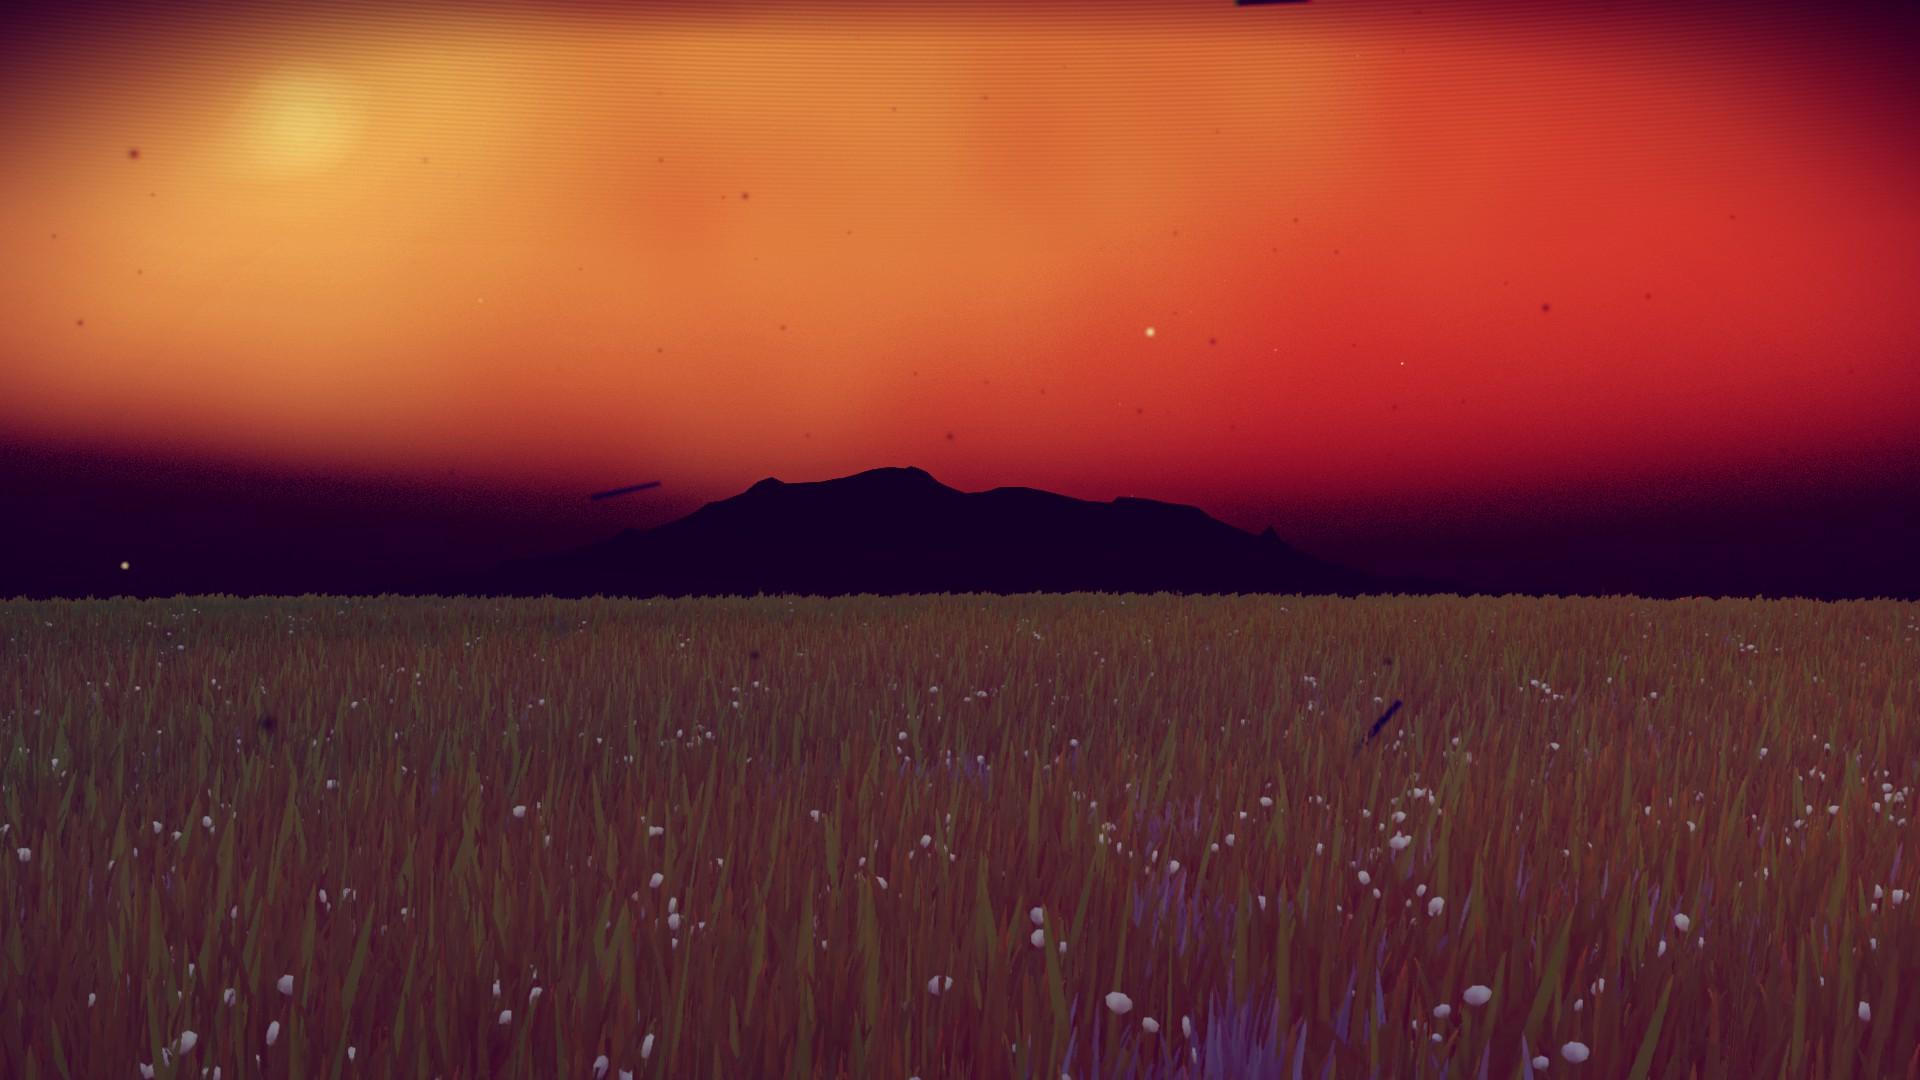 Sunset Neochadwickia